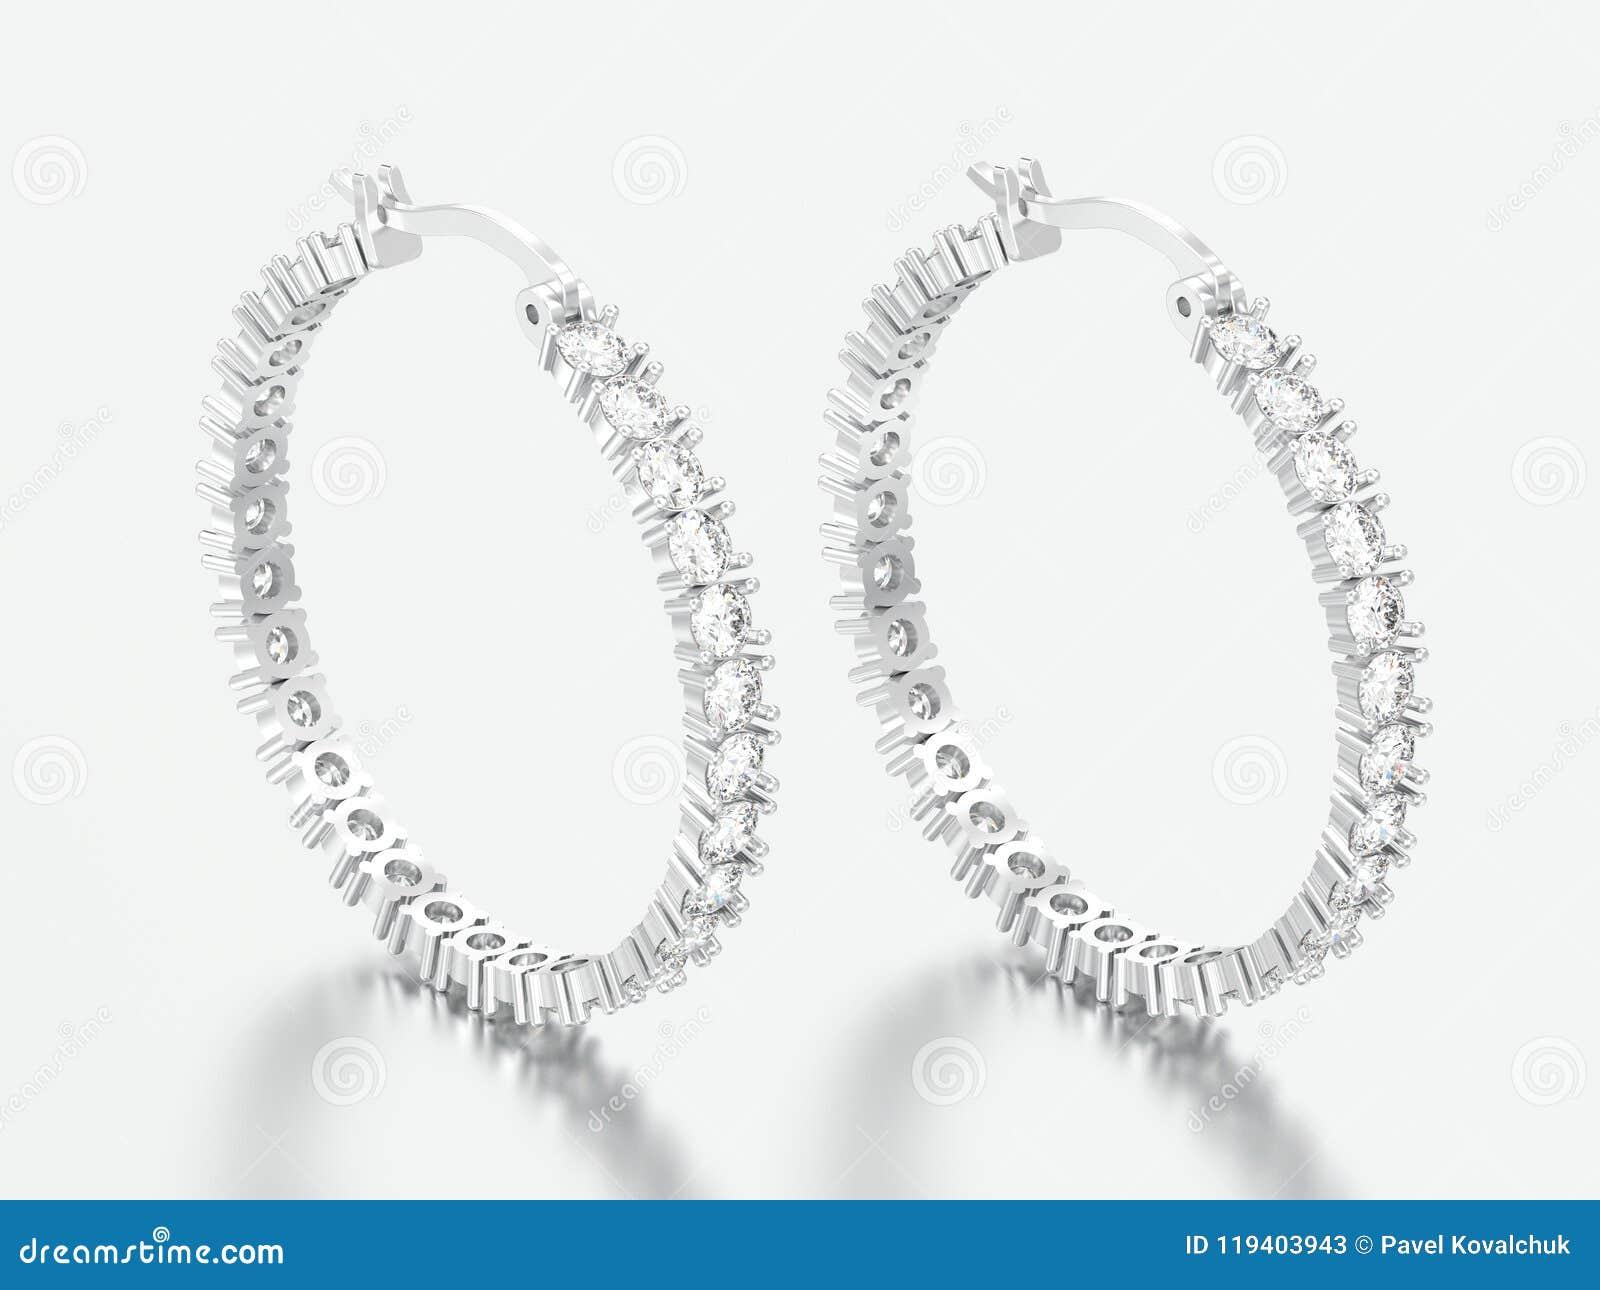 3D例证人造白金或银色装饰金刚石耳环